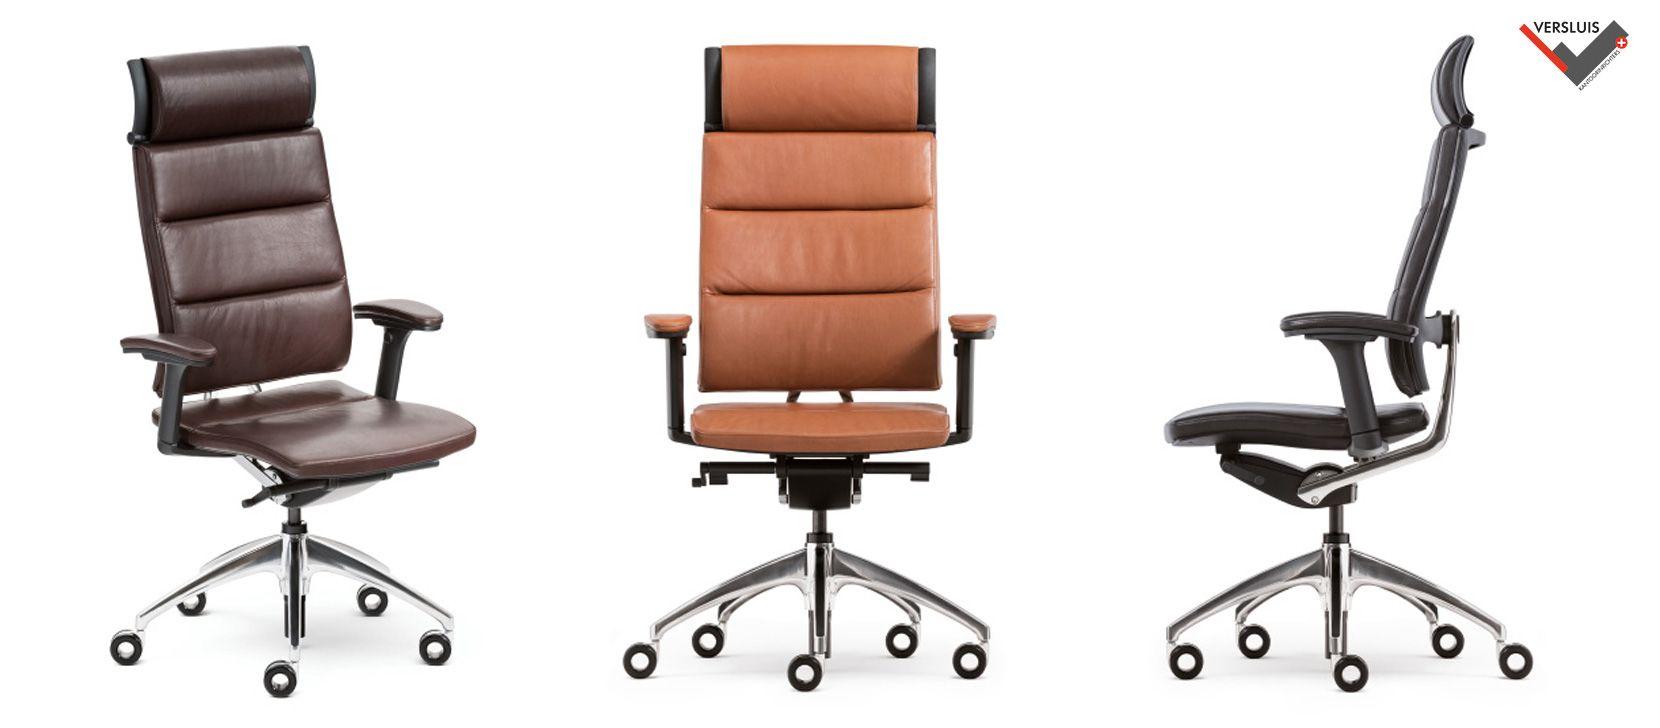 Bureaustoel Met Neksteun.Een Geweldige Lederen Directiestoel Prachtige Bureaustoel Met